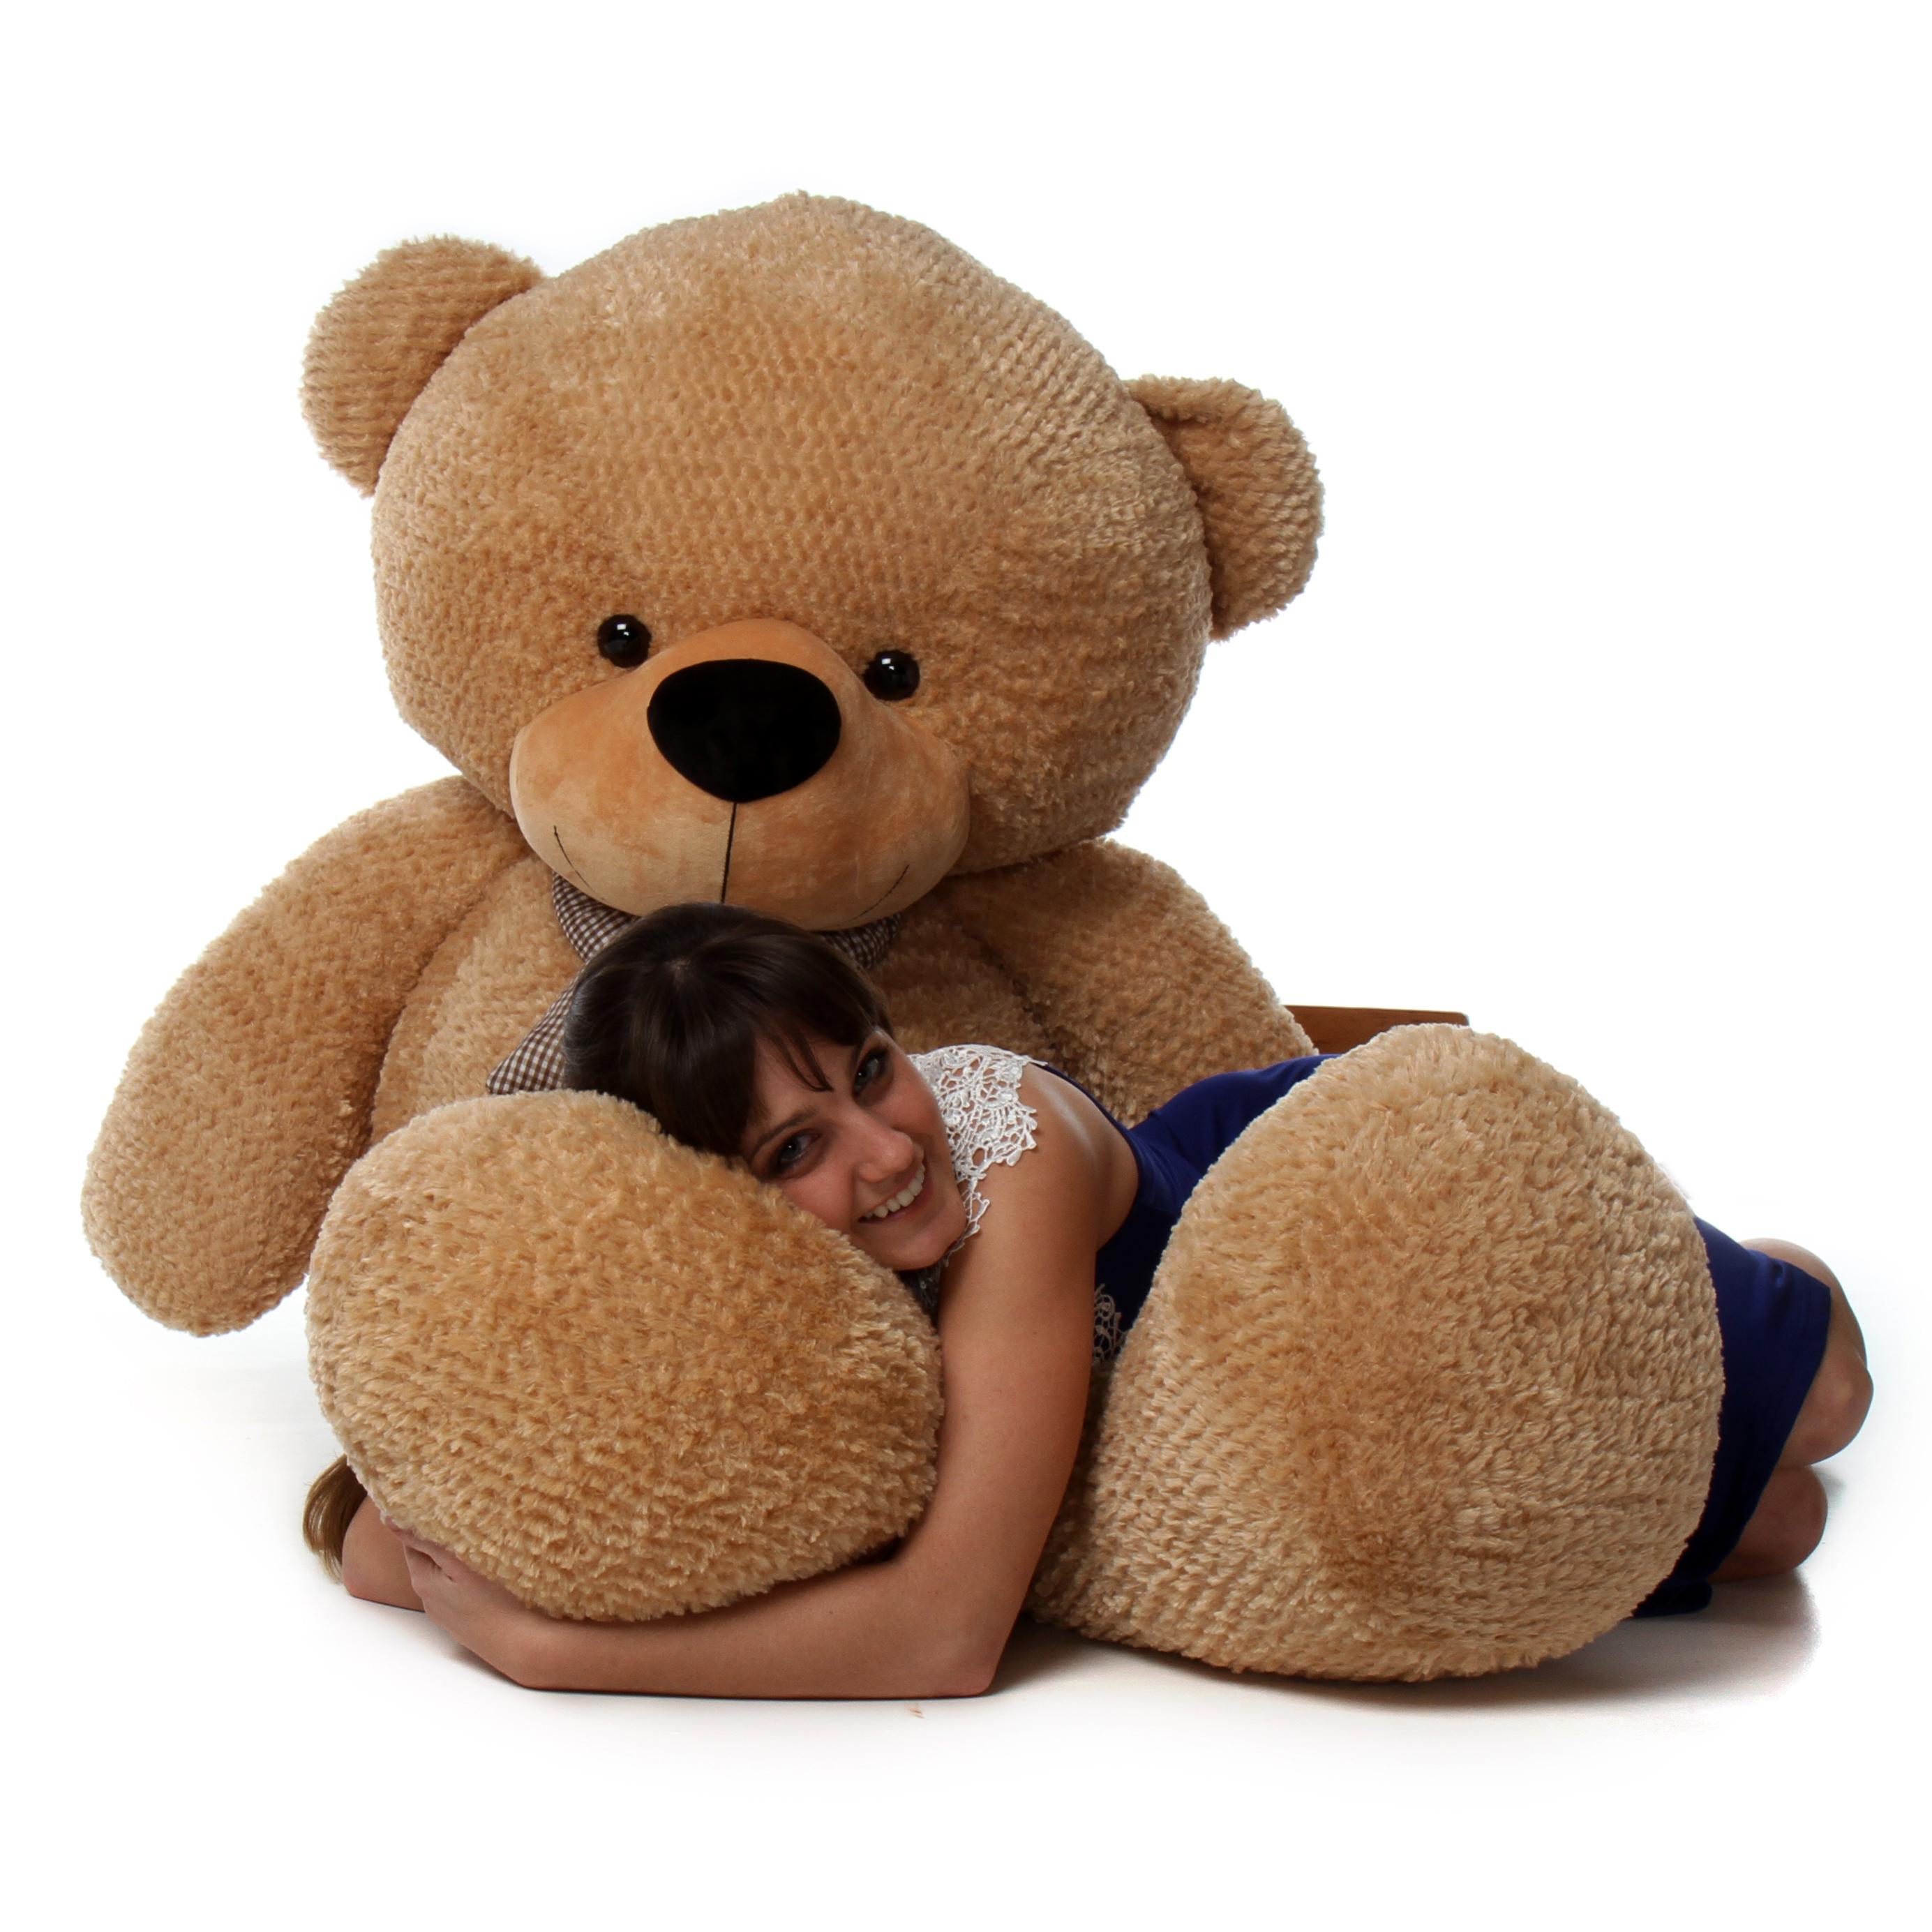 life-size-amber-brown-teddy-bear-shaggy-cuddles-72in.jpg